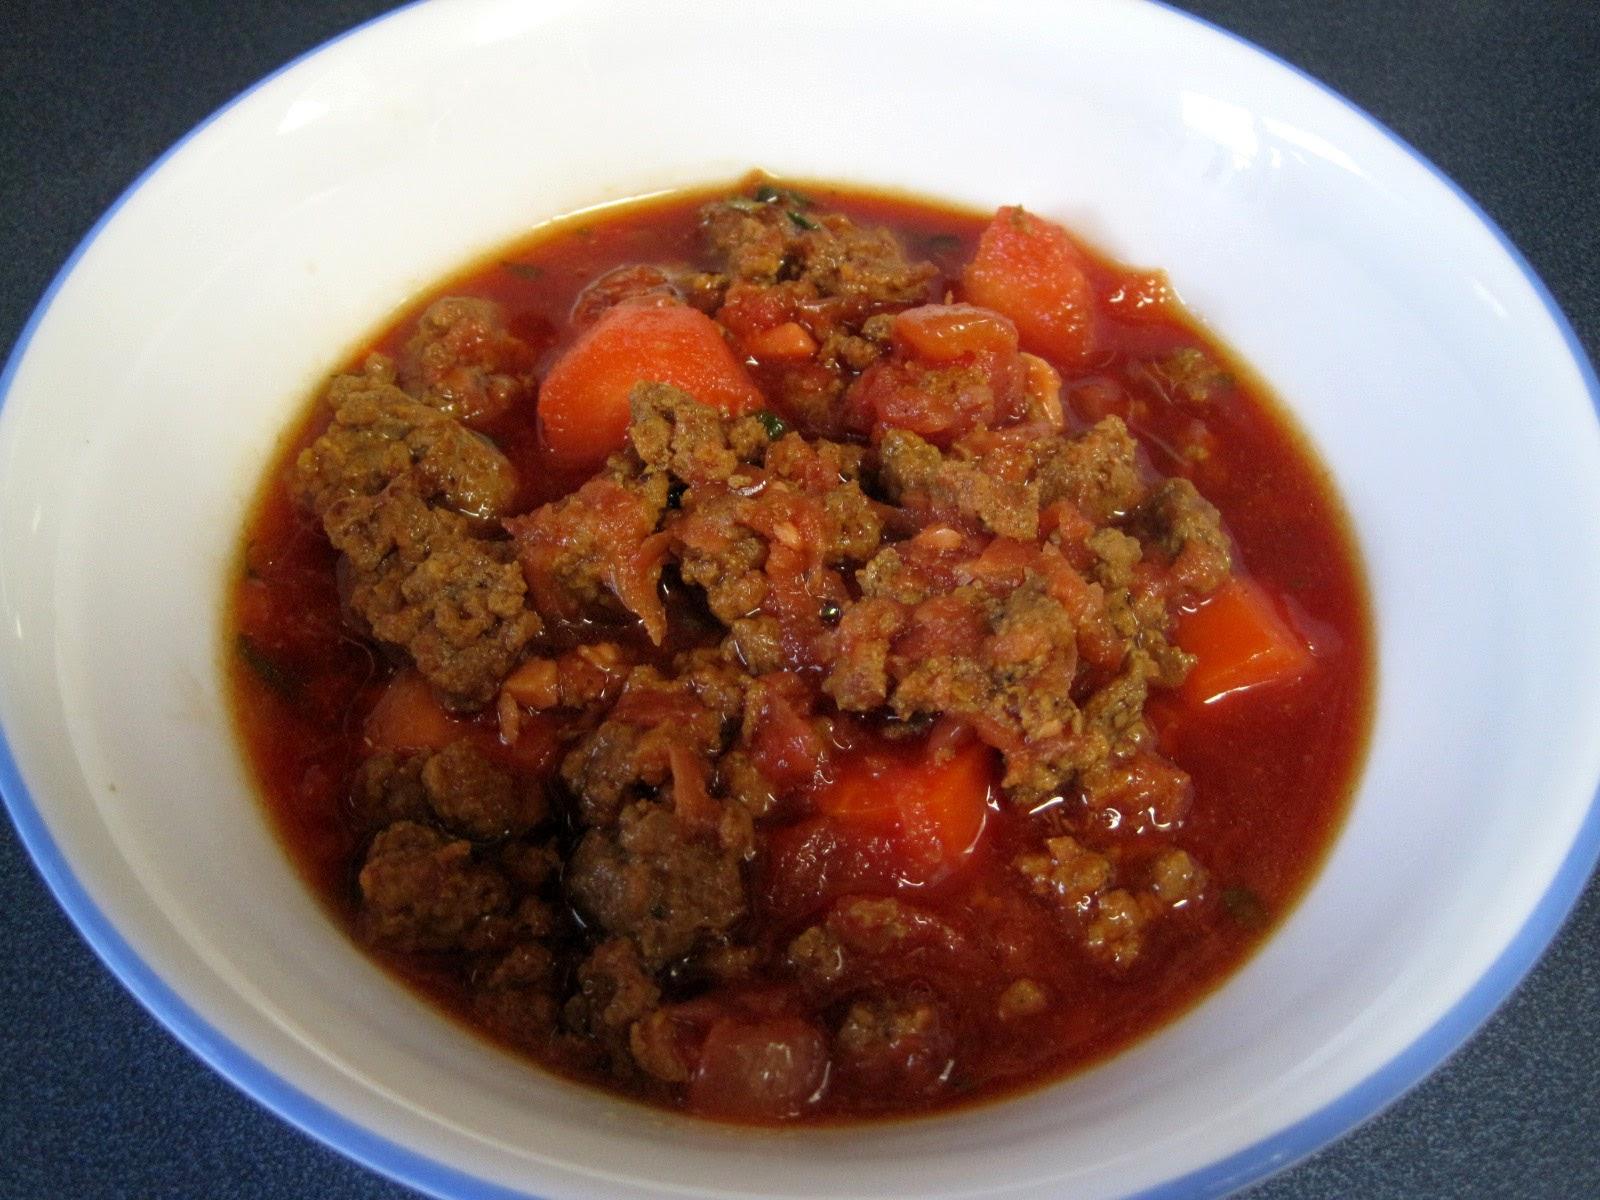 AIP Autoimmune Protocol chili recipe, nightshade free